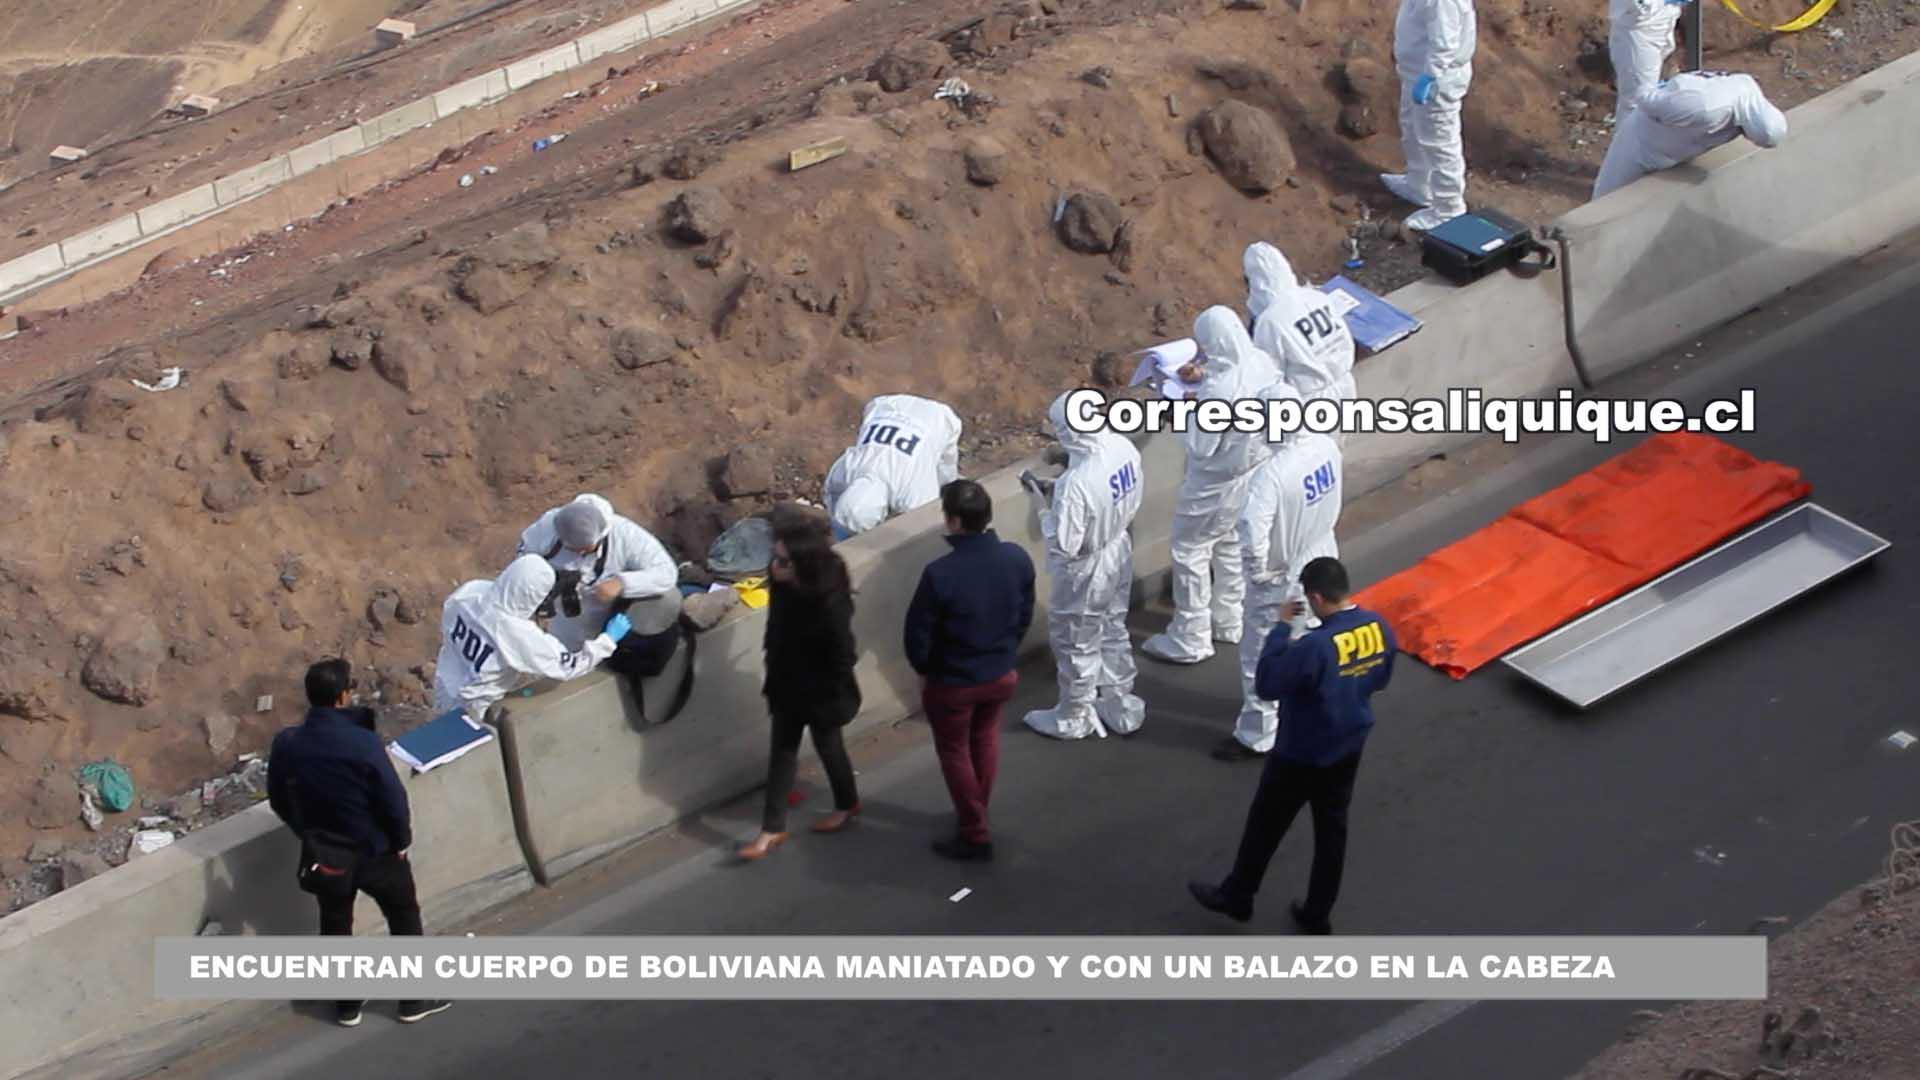 Photo of Encuentran cuerpo de boliviana maniatado y con un balazo en la cabeza